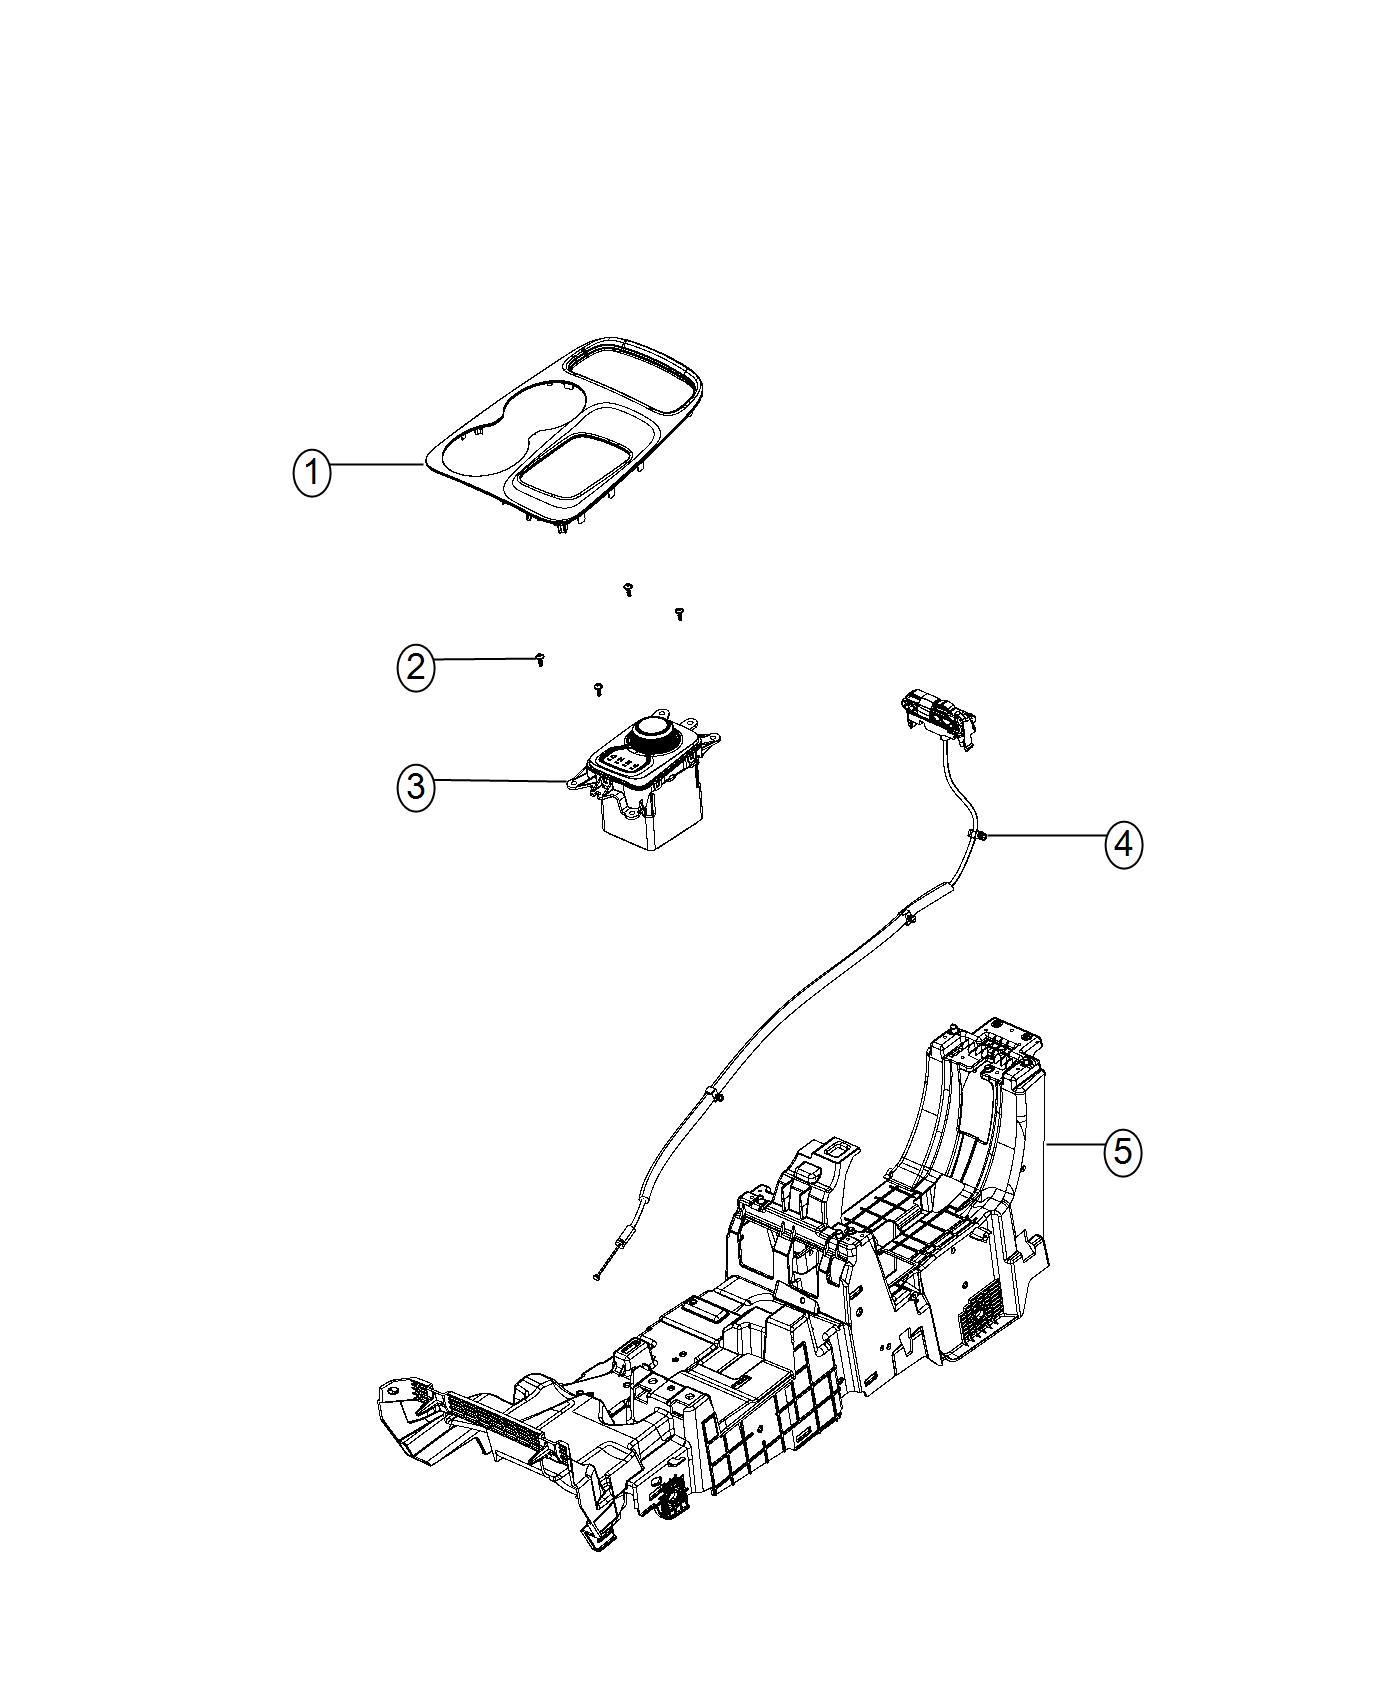 2017 dodge durango bezel  gear shift indicator  trim   no